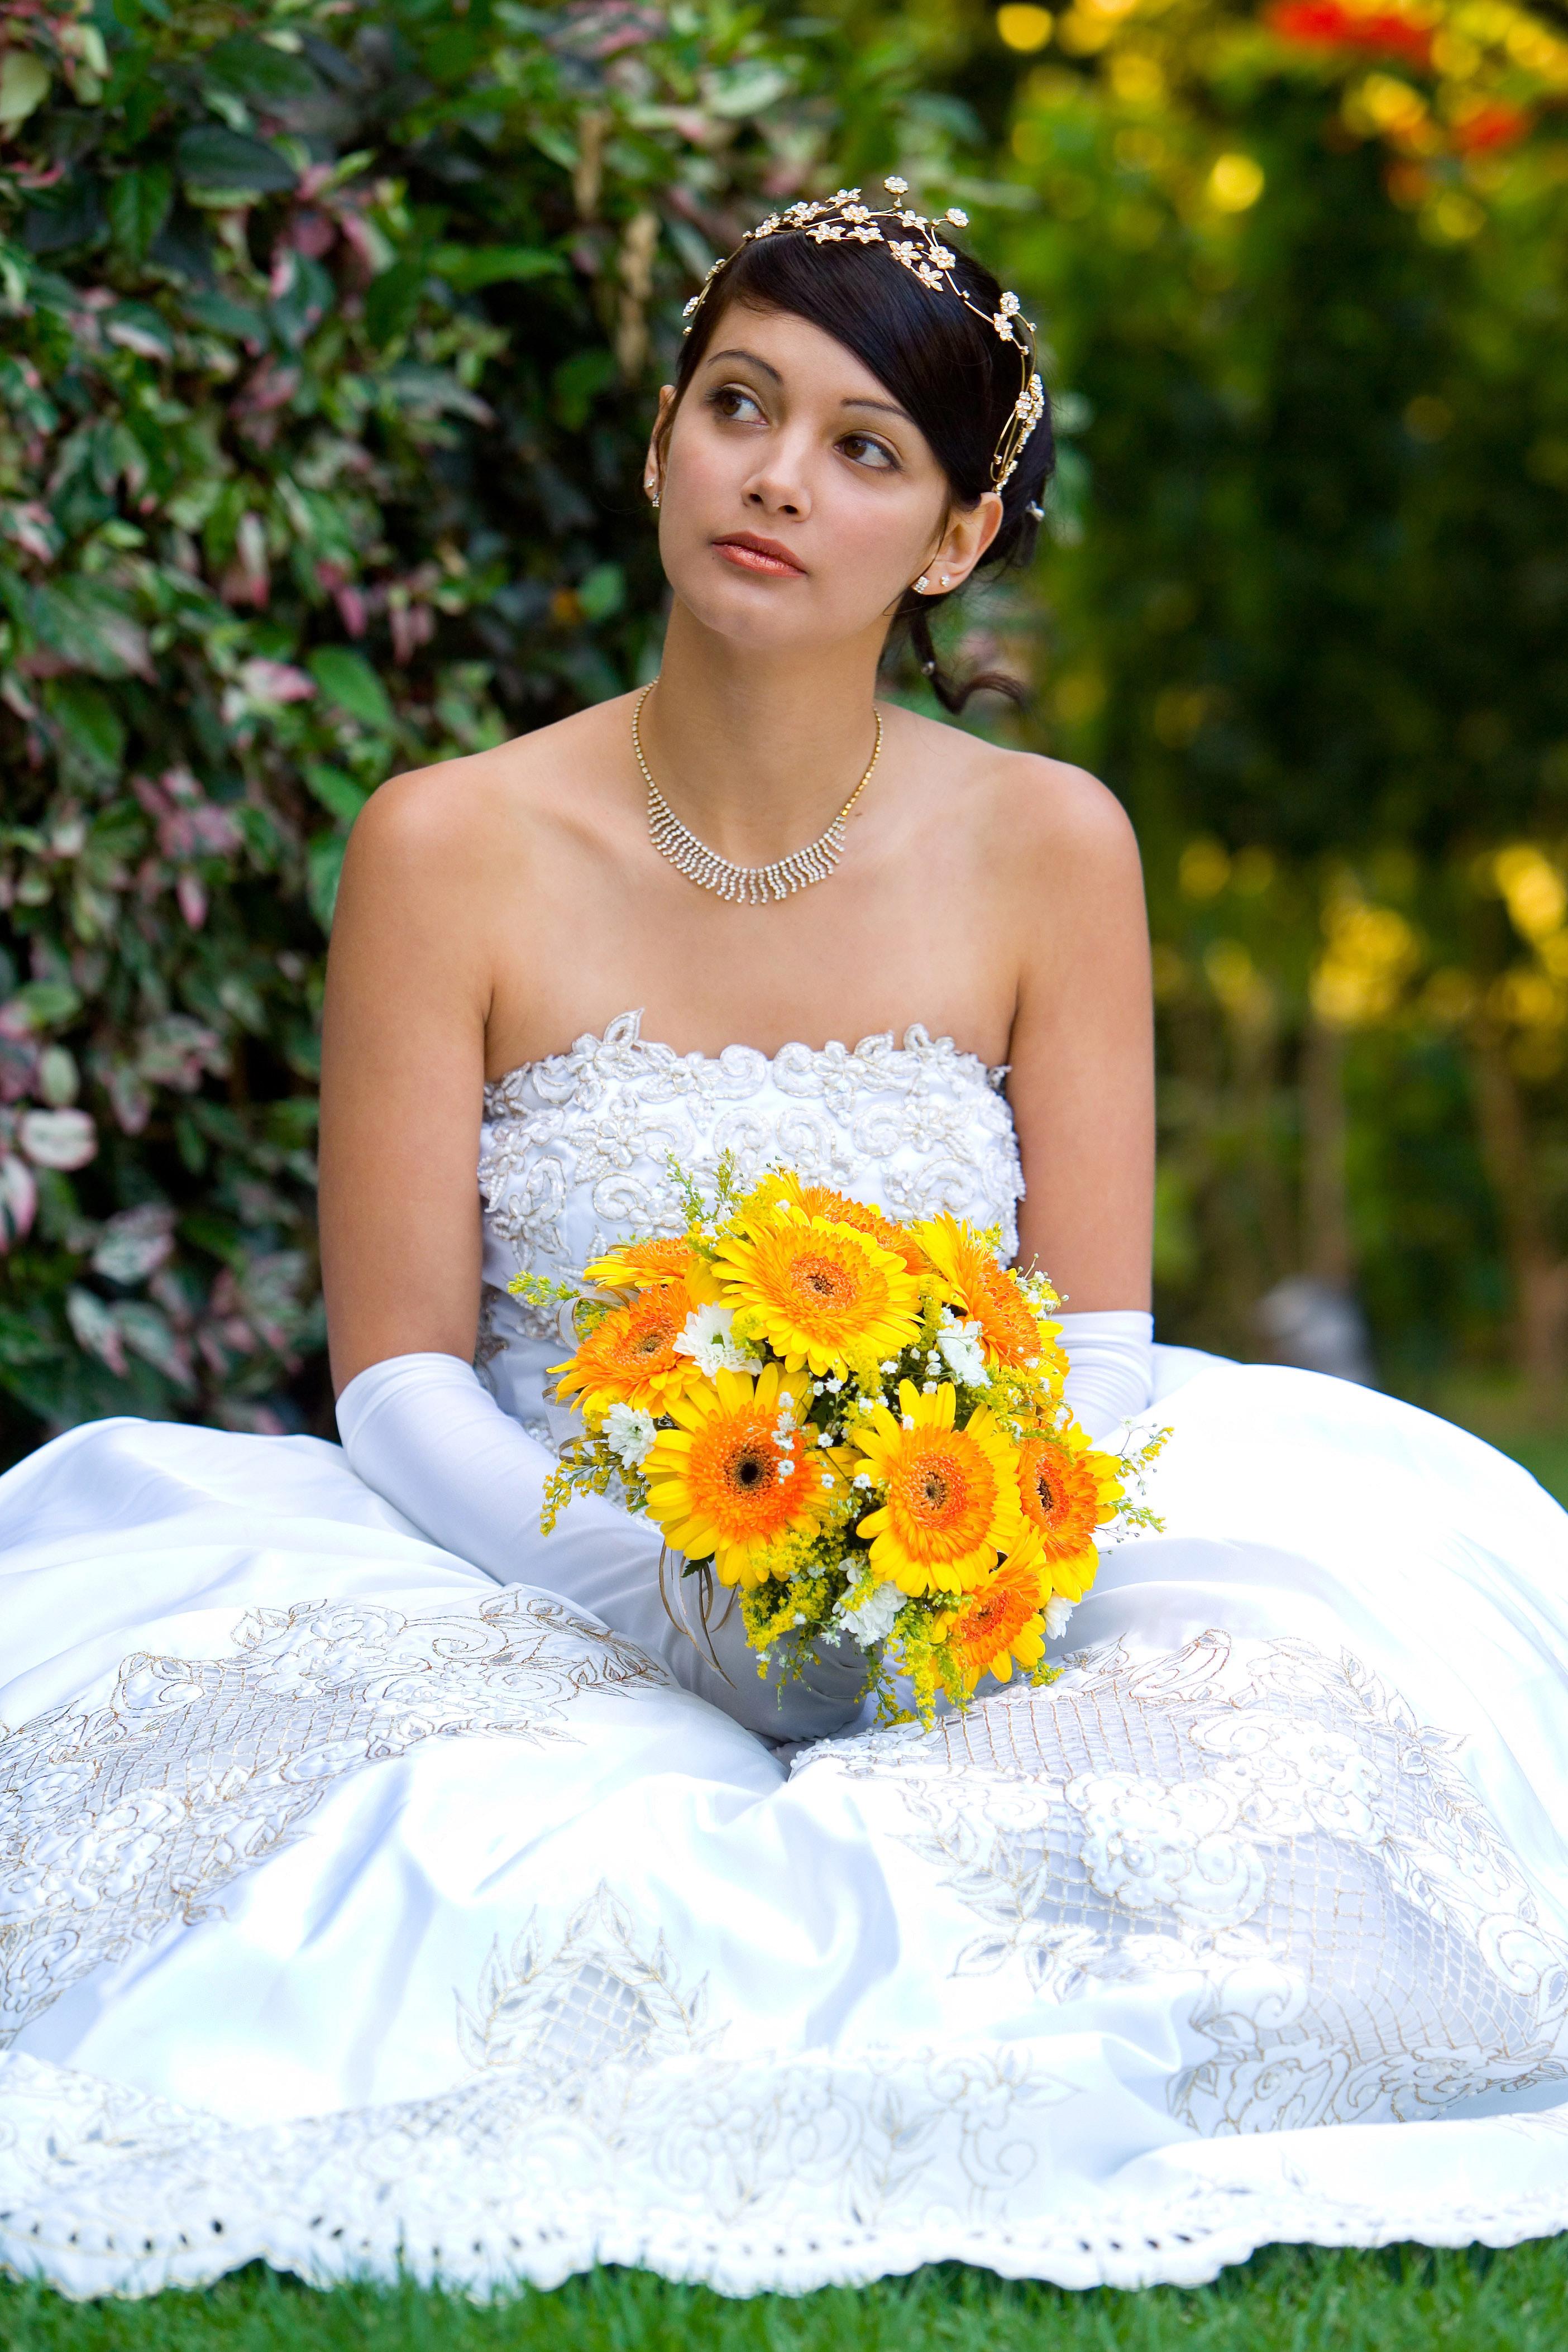 Свадебные статьи невесте - Свадебный портал WeWed.Ru.